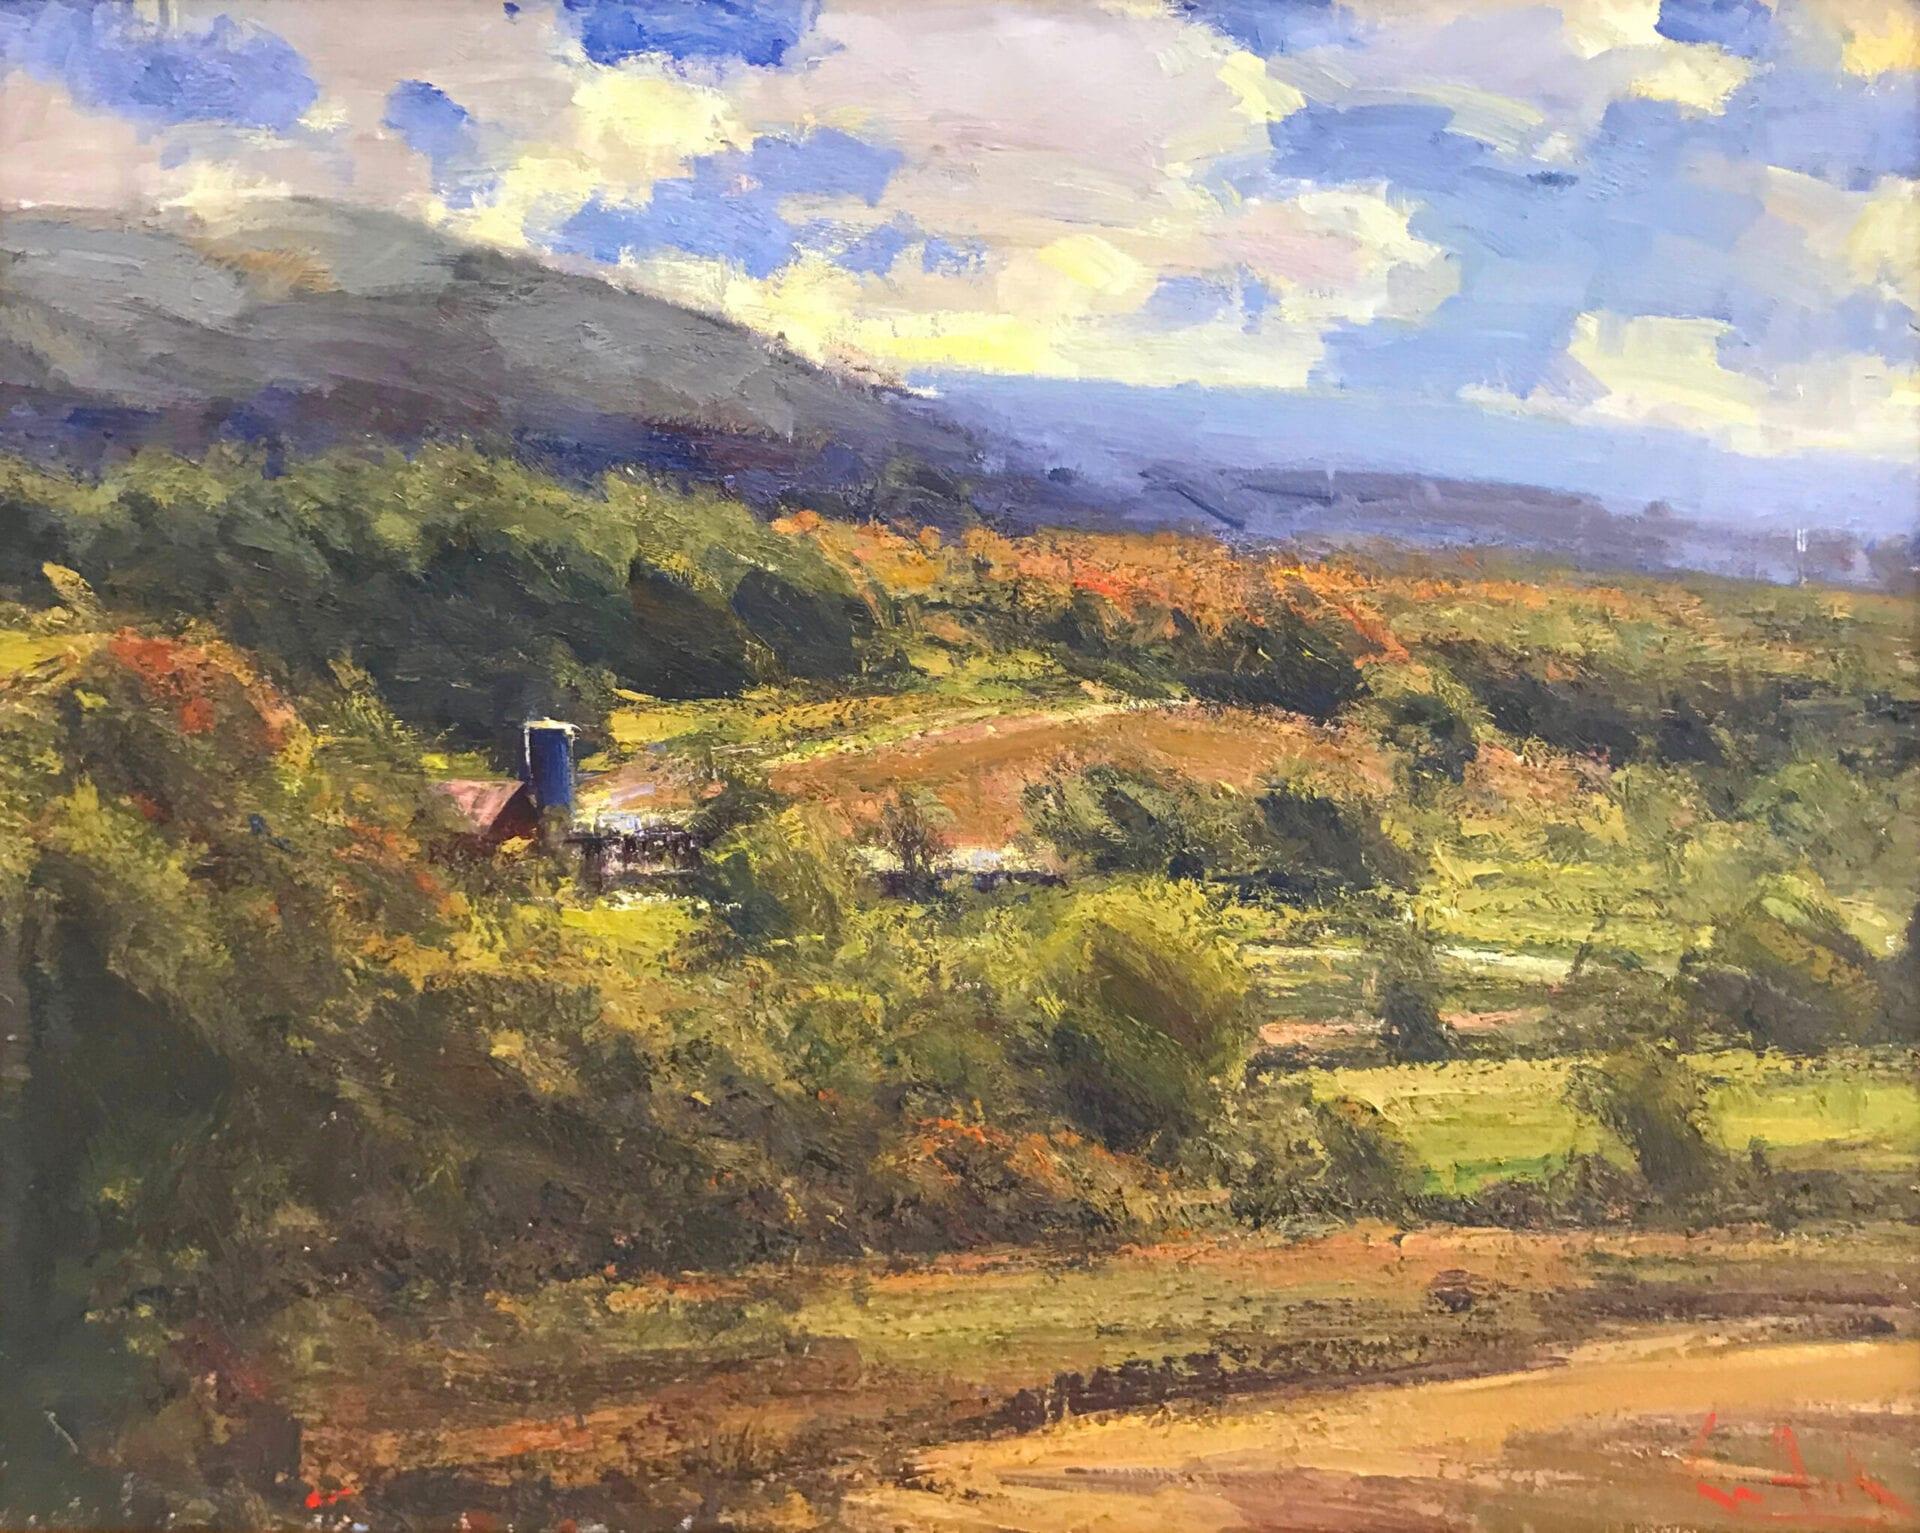 George Van Hook - Cross the Valley